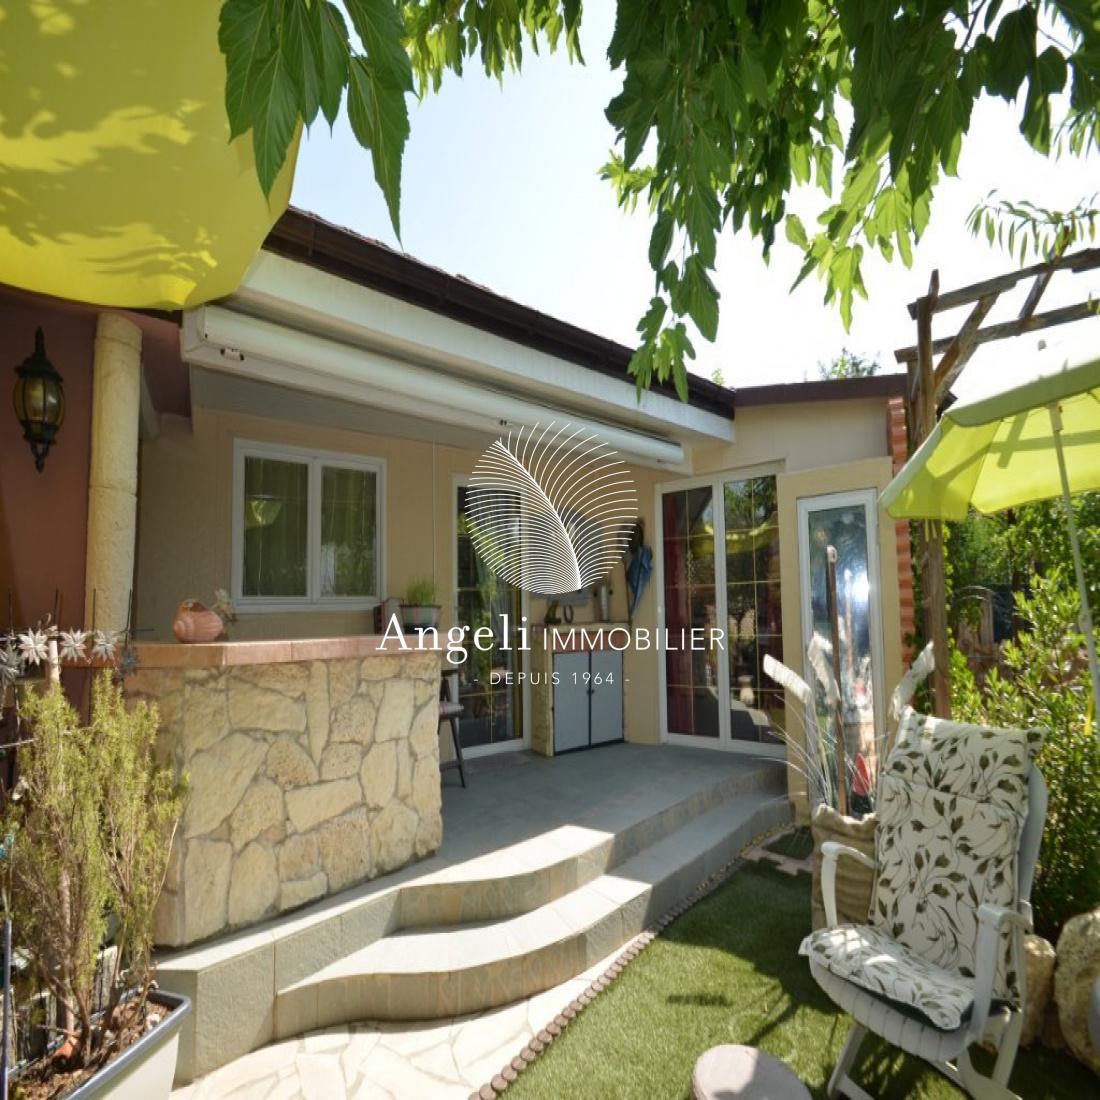 Vente maison vendre roquebrune sur argens angeli - Deux maisons sur un seul terrain ...